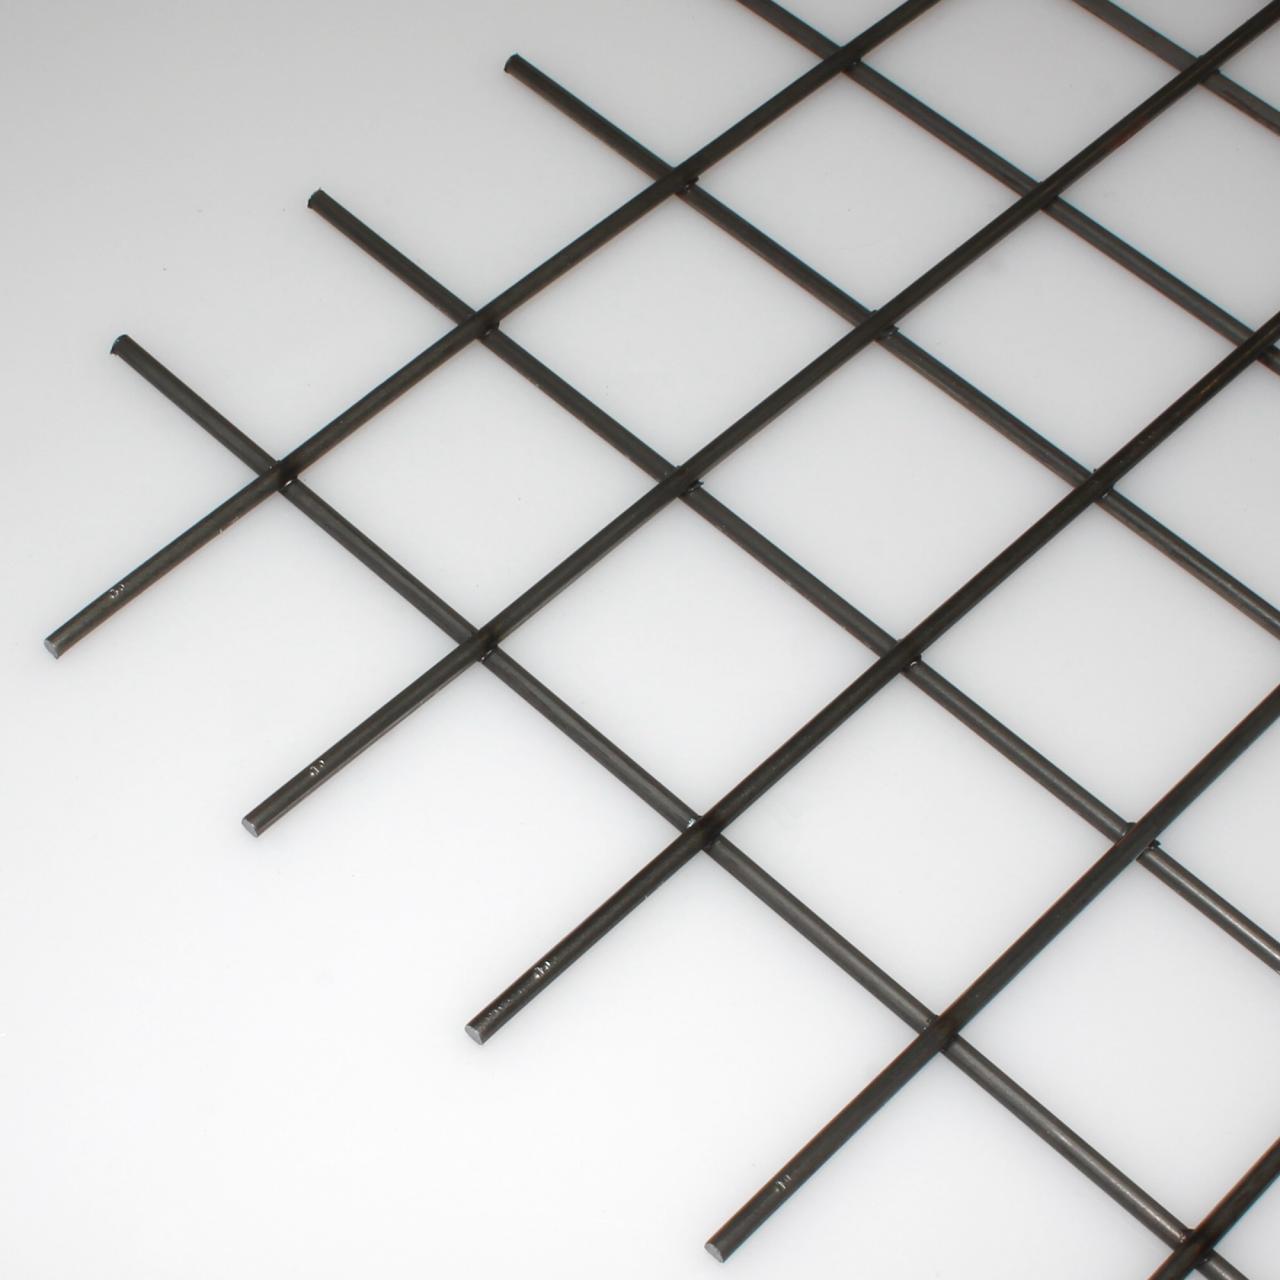 Gitter-Platten für Metallbearbeitung günstig kaufen | eBay